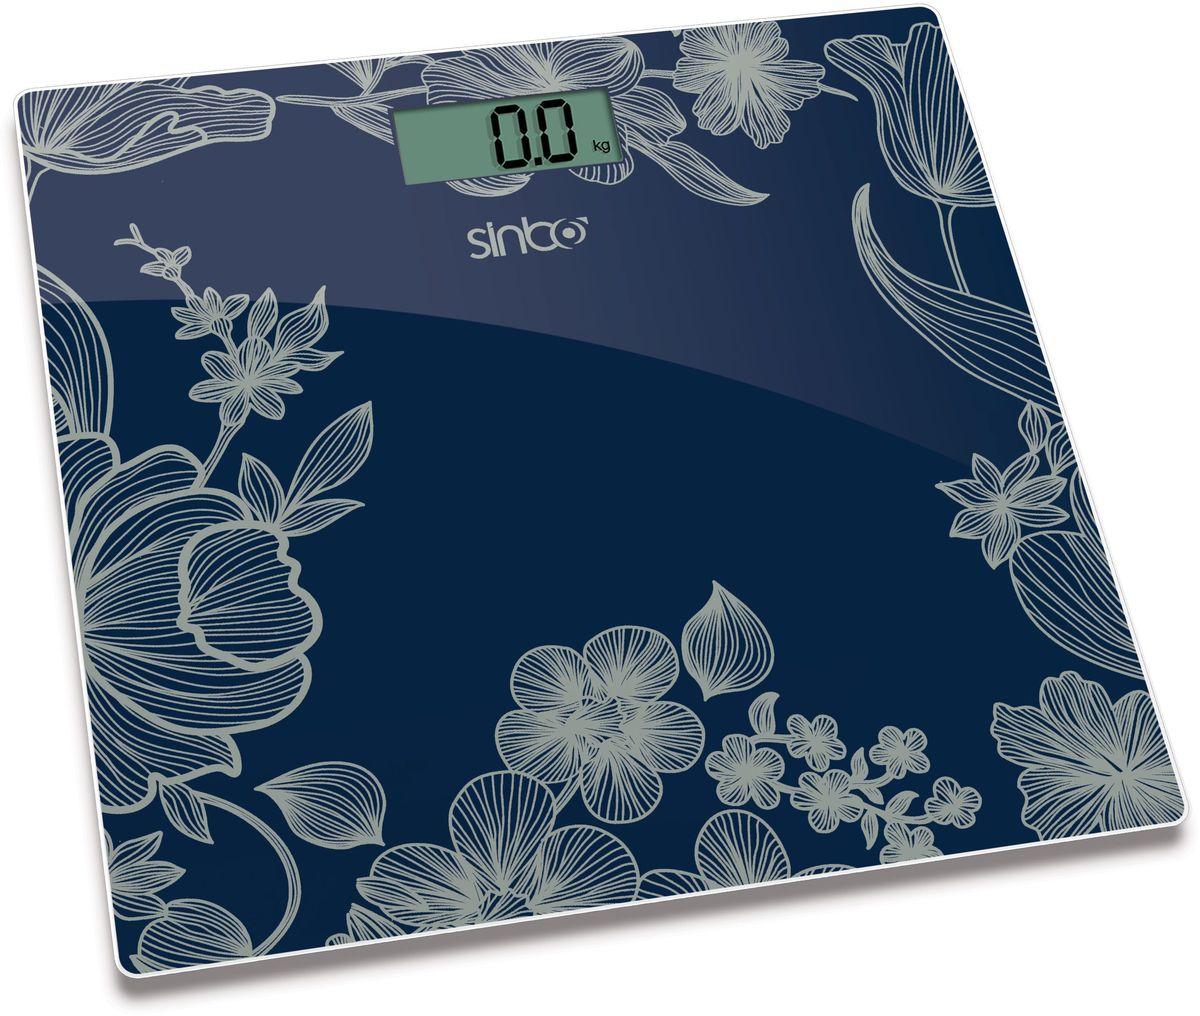 Sinbo SBS 4429, Blue весы напольныеSBS 4429Напольные электронные весы Sinbo SBS 4429. Удобны для ежедневного контроля веса. Обладают высокой точностью измерения веса. Имеют устойчивую и особо прочную стеклянную платформу, что позволяет выдерживать большую нагрузку.